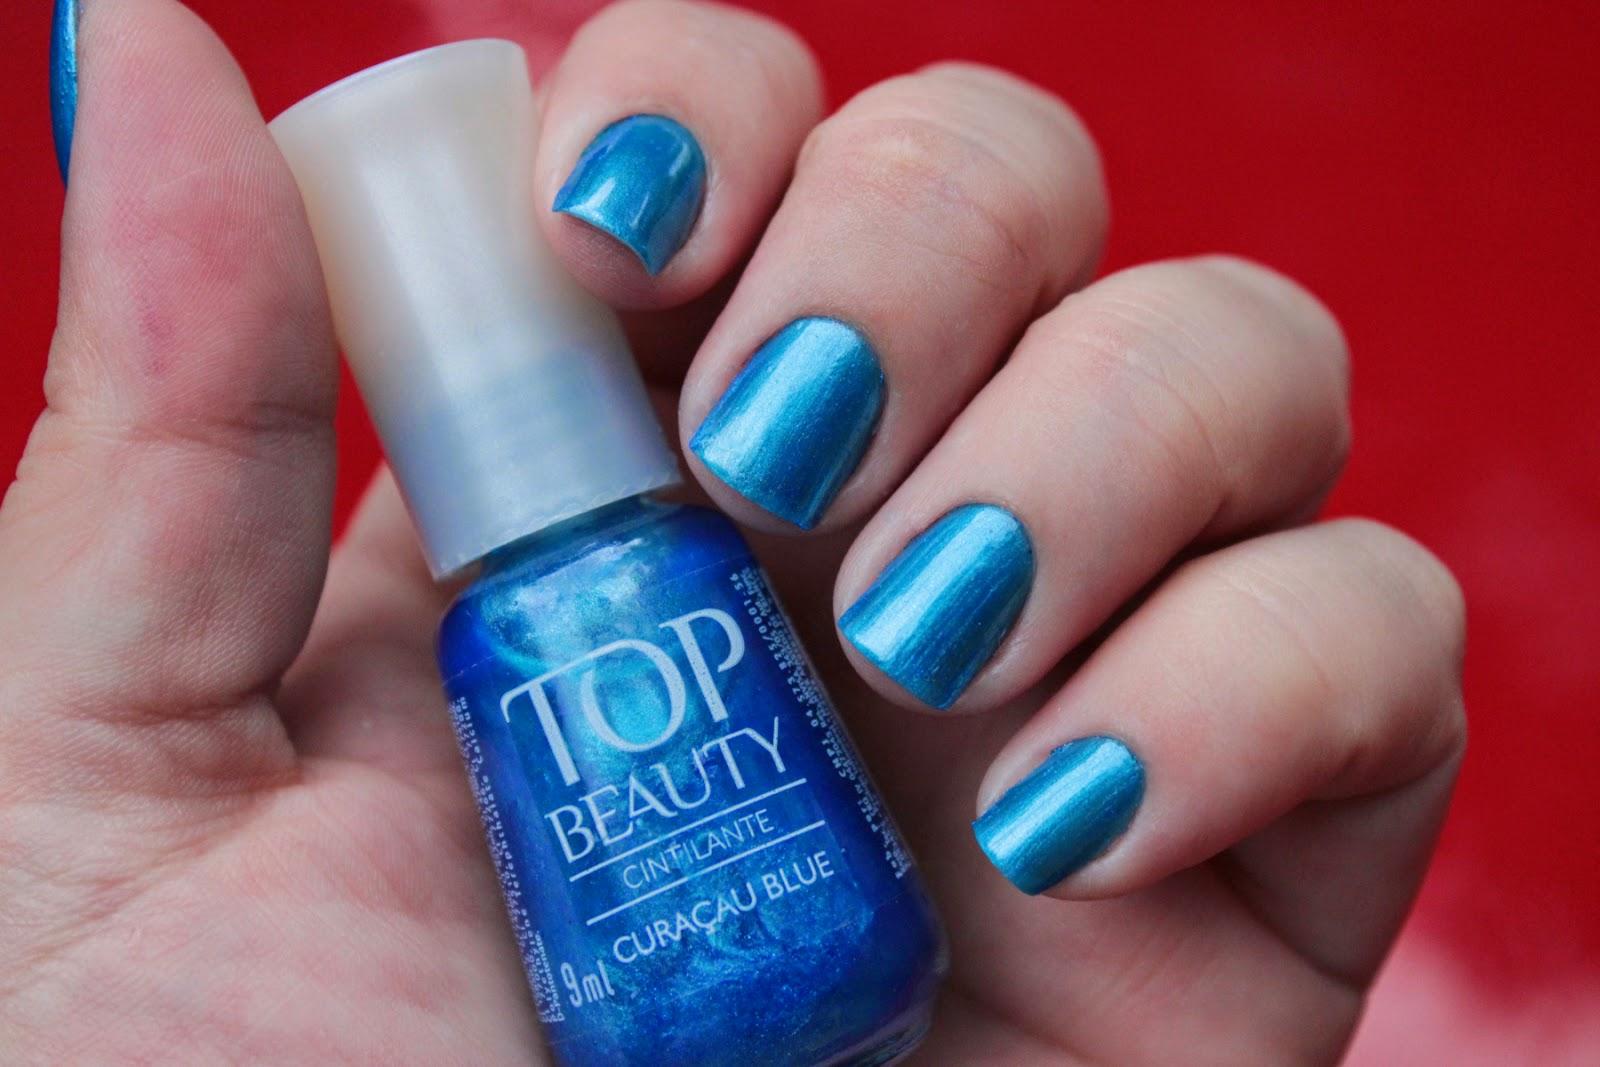 top beauty, curaçau blue, esmalte, cintilante, nailpolish, azul, blue, produtos recebidos, mão feita, fashion mimi, final de semana